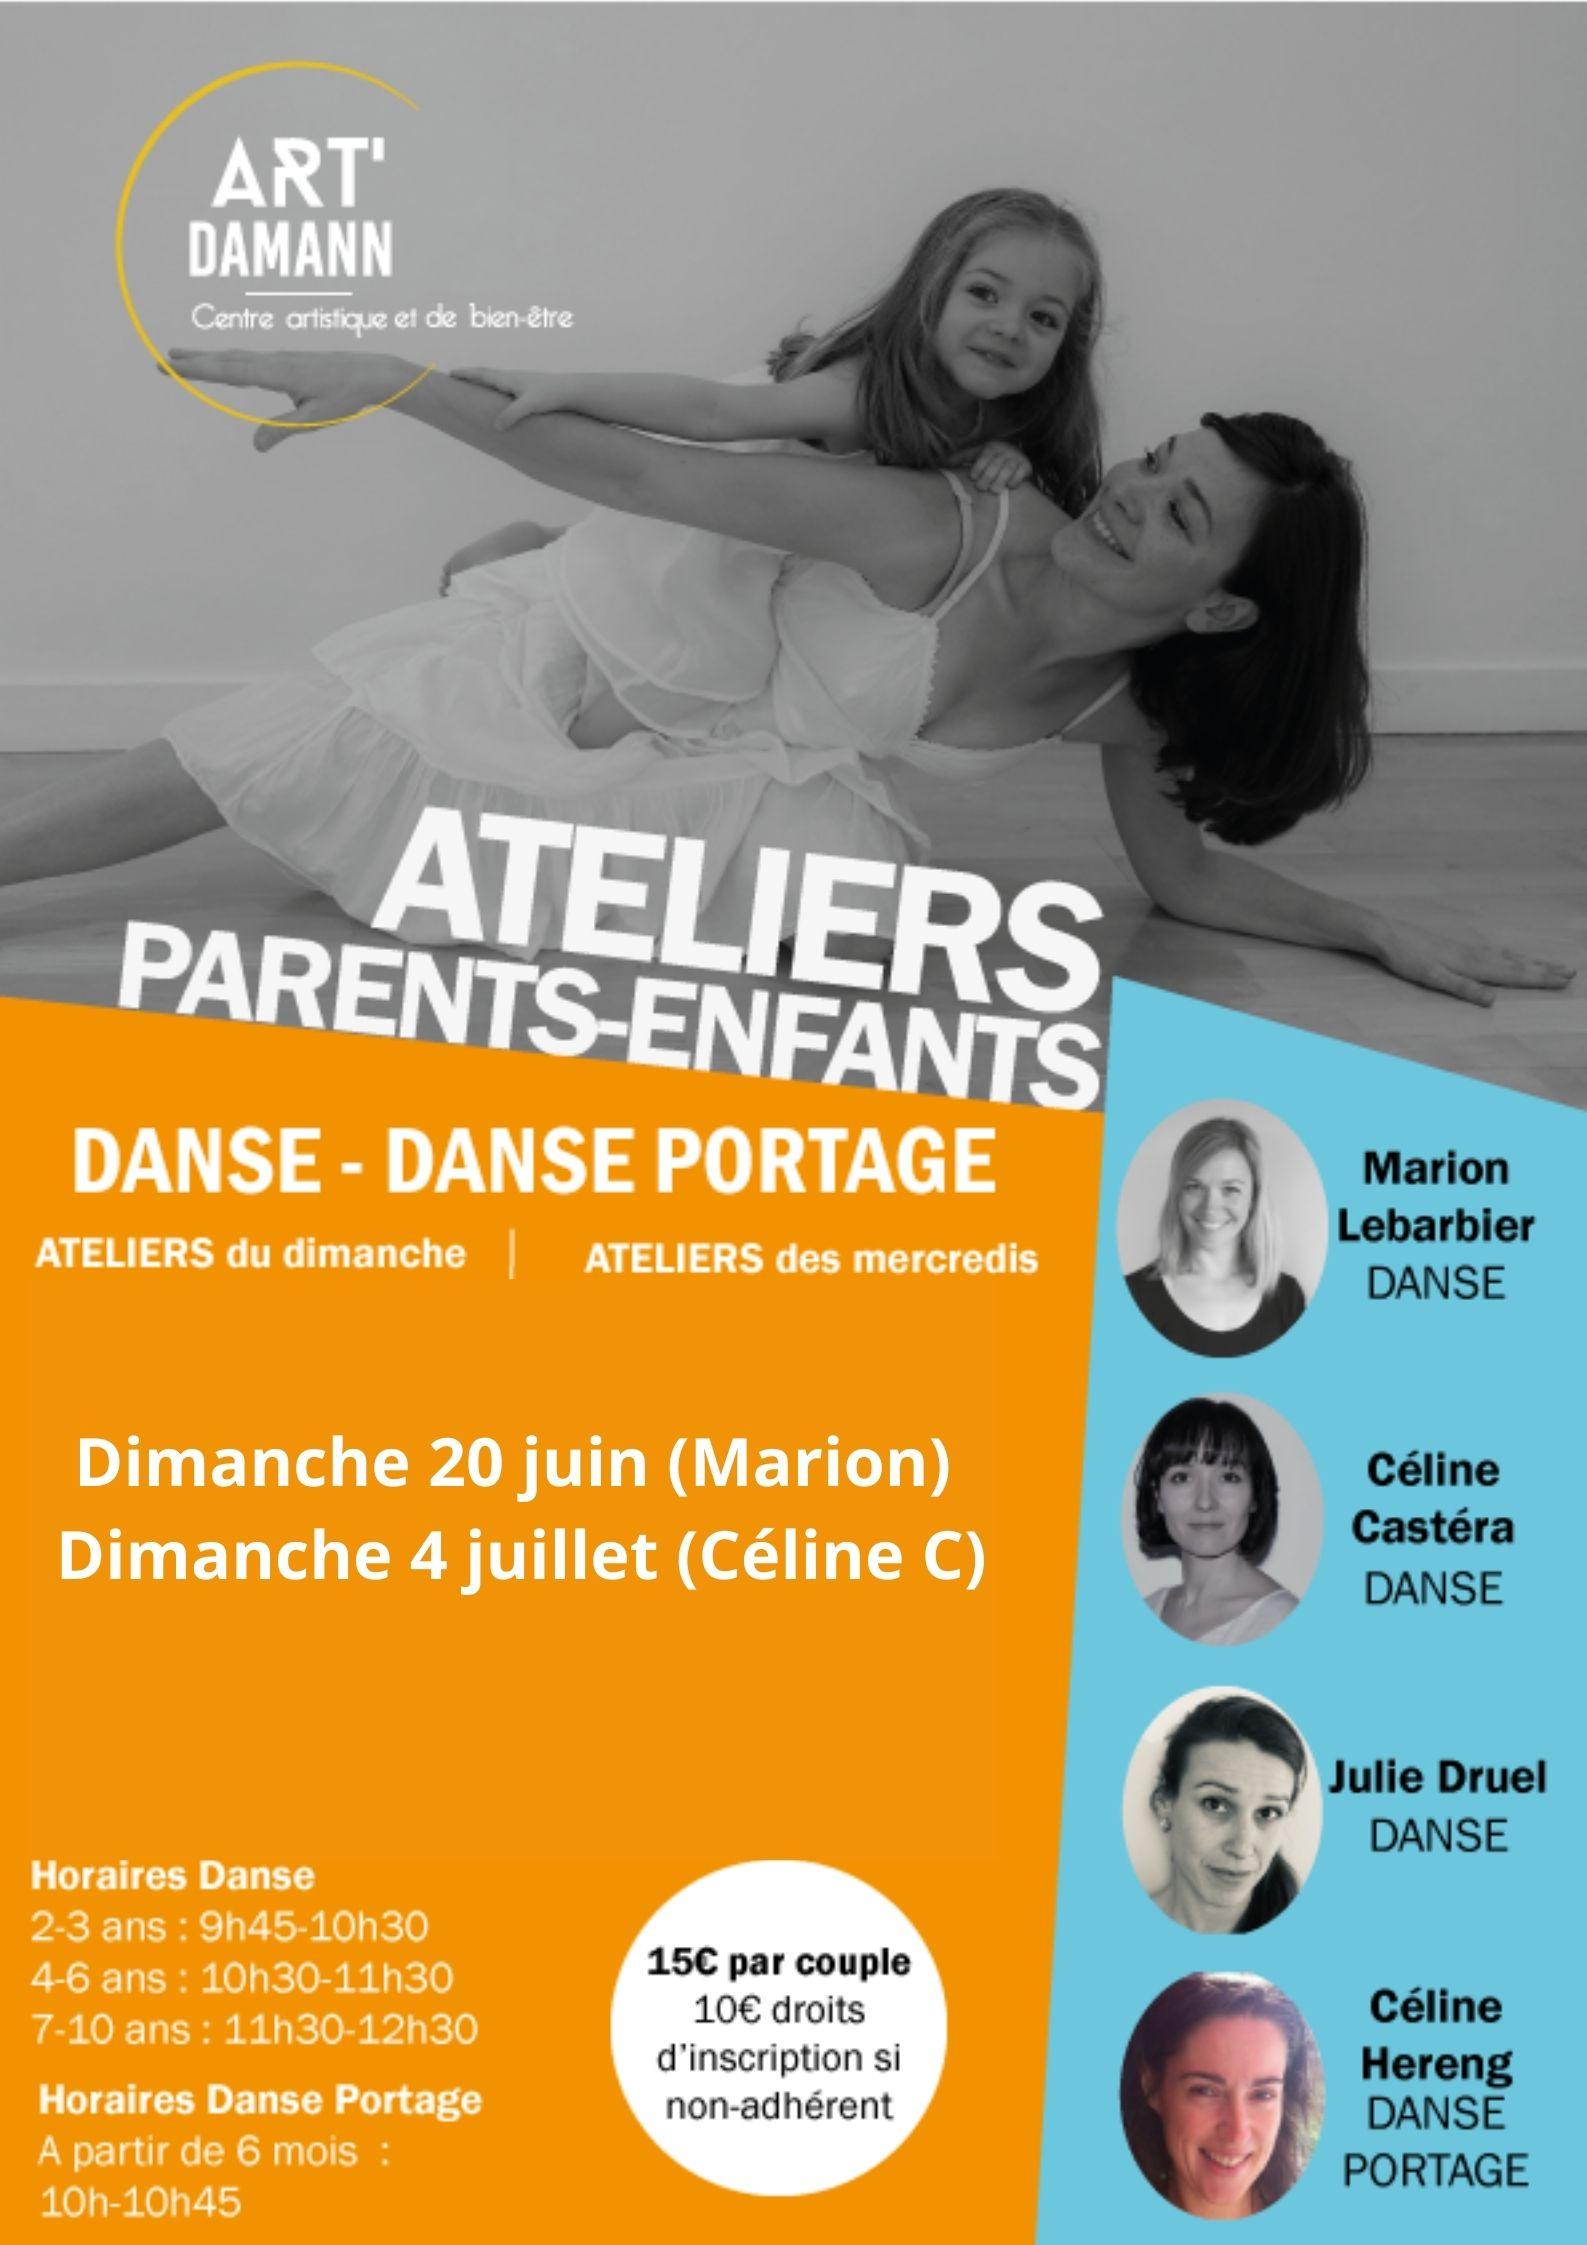 atelier danse parents enfants